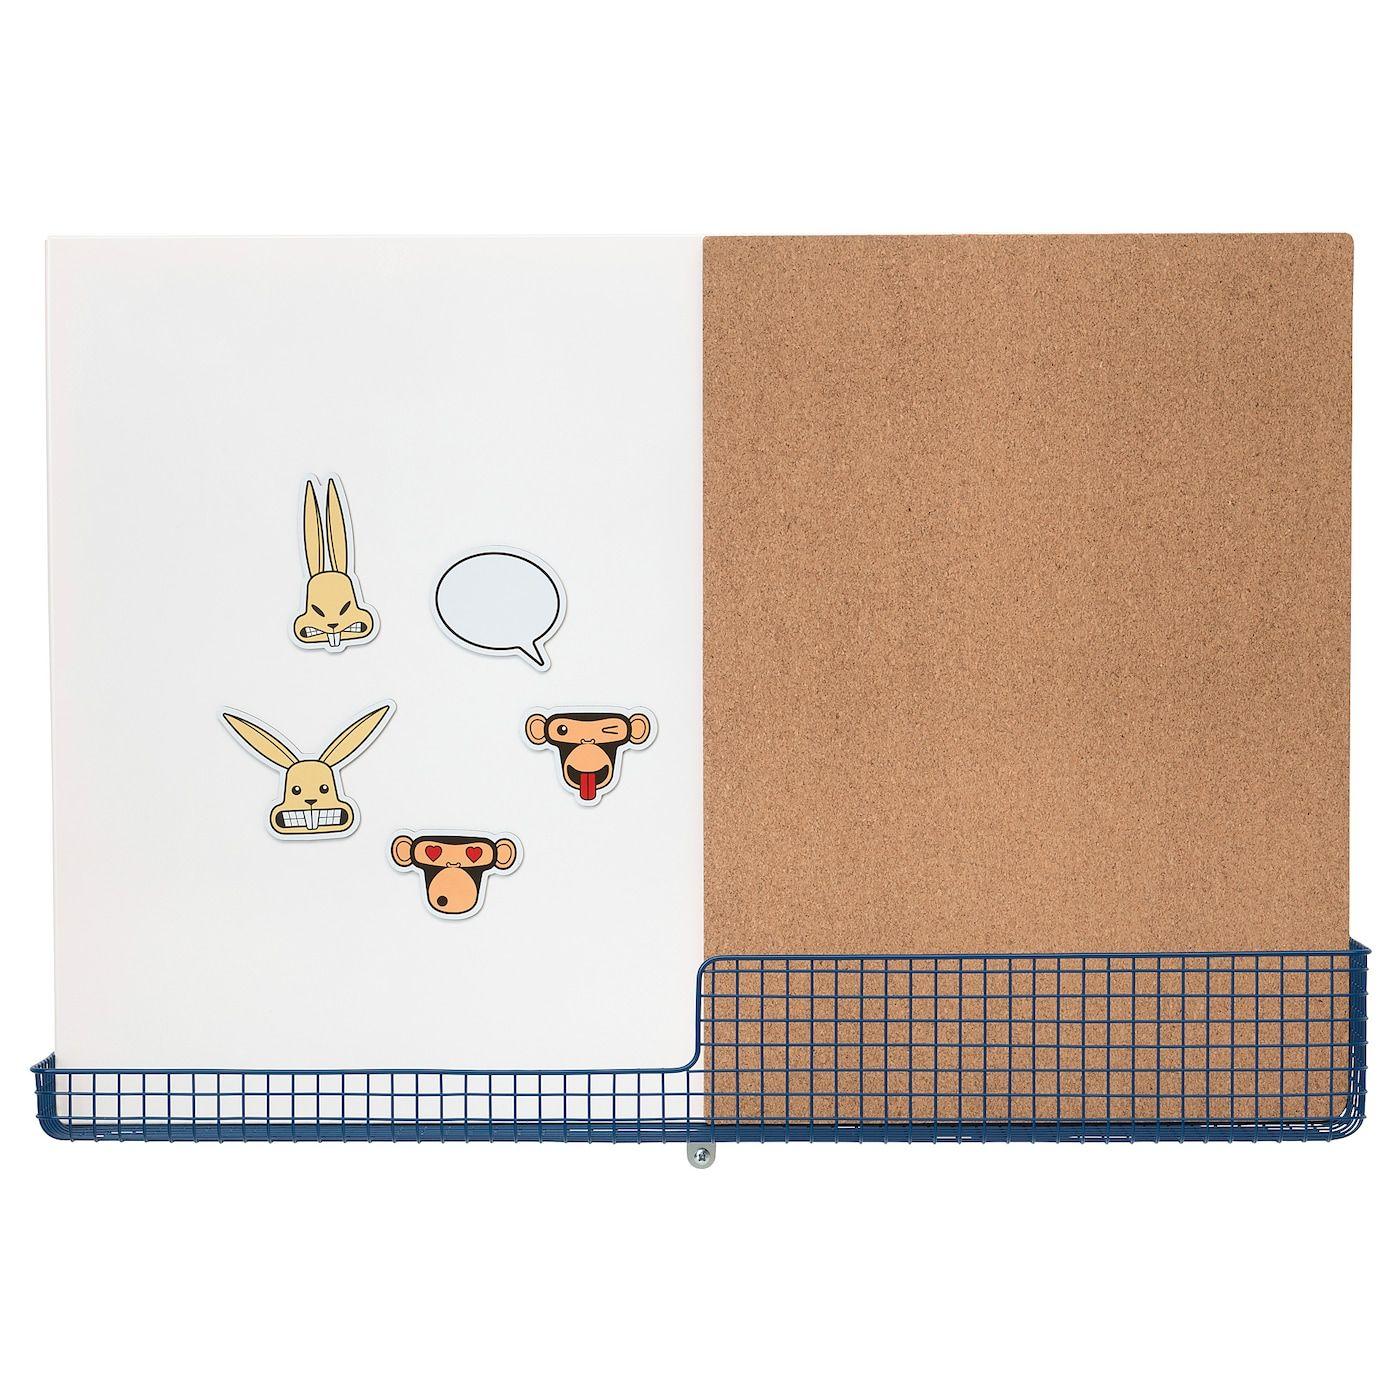 Ikea Mojlighet Prikbord Whiteboard Met Bakje Wit Blauw Gecombineerd Magnetisch Whiteboard En Prik En 2020 Tableau Affichage Tableau Blanc Magnetique Tableau Blanc